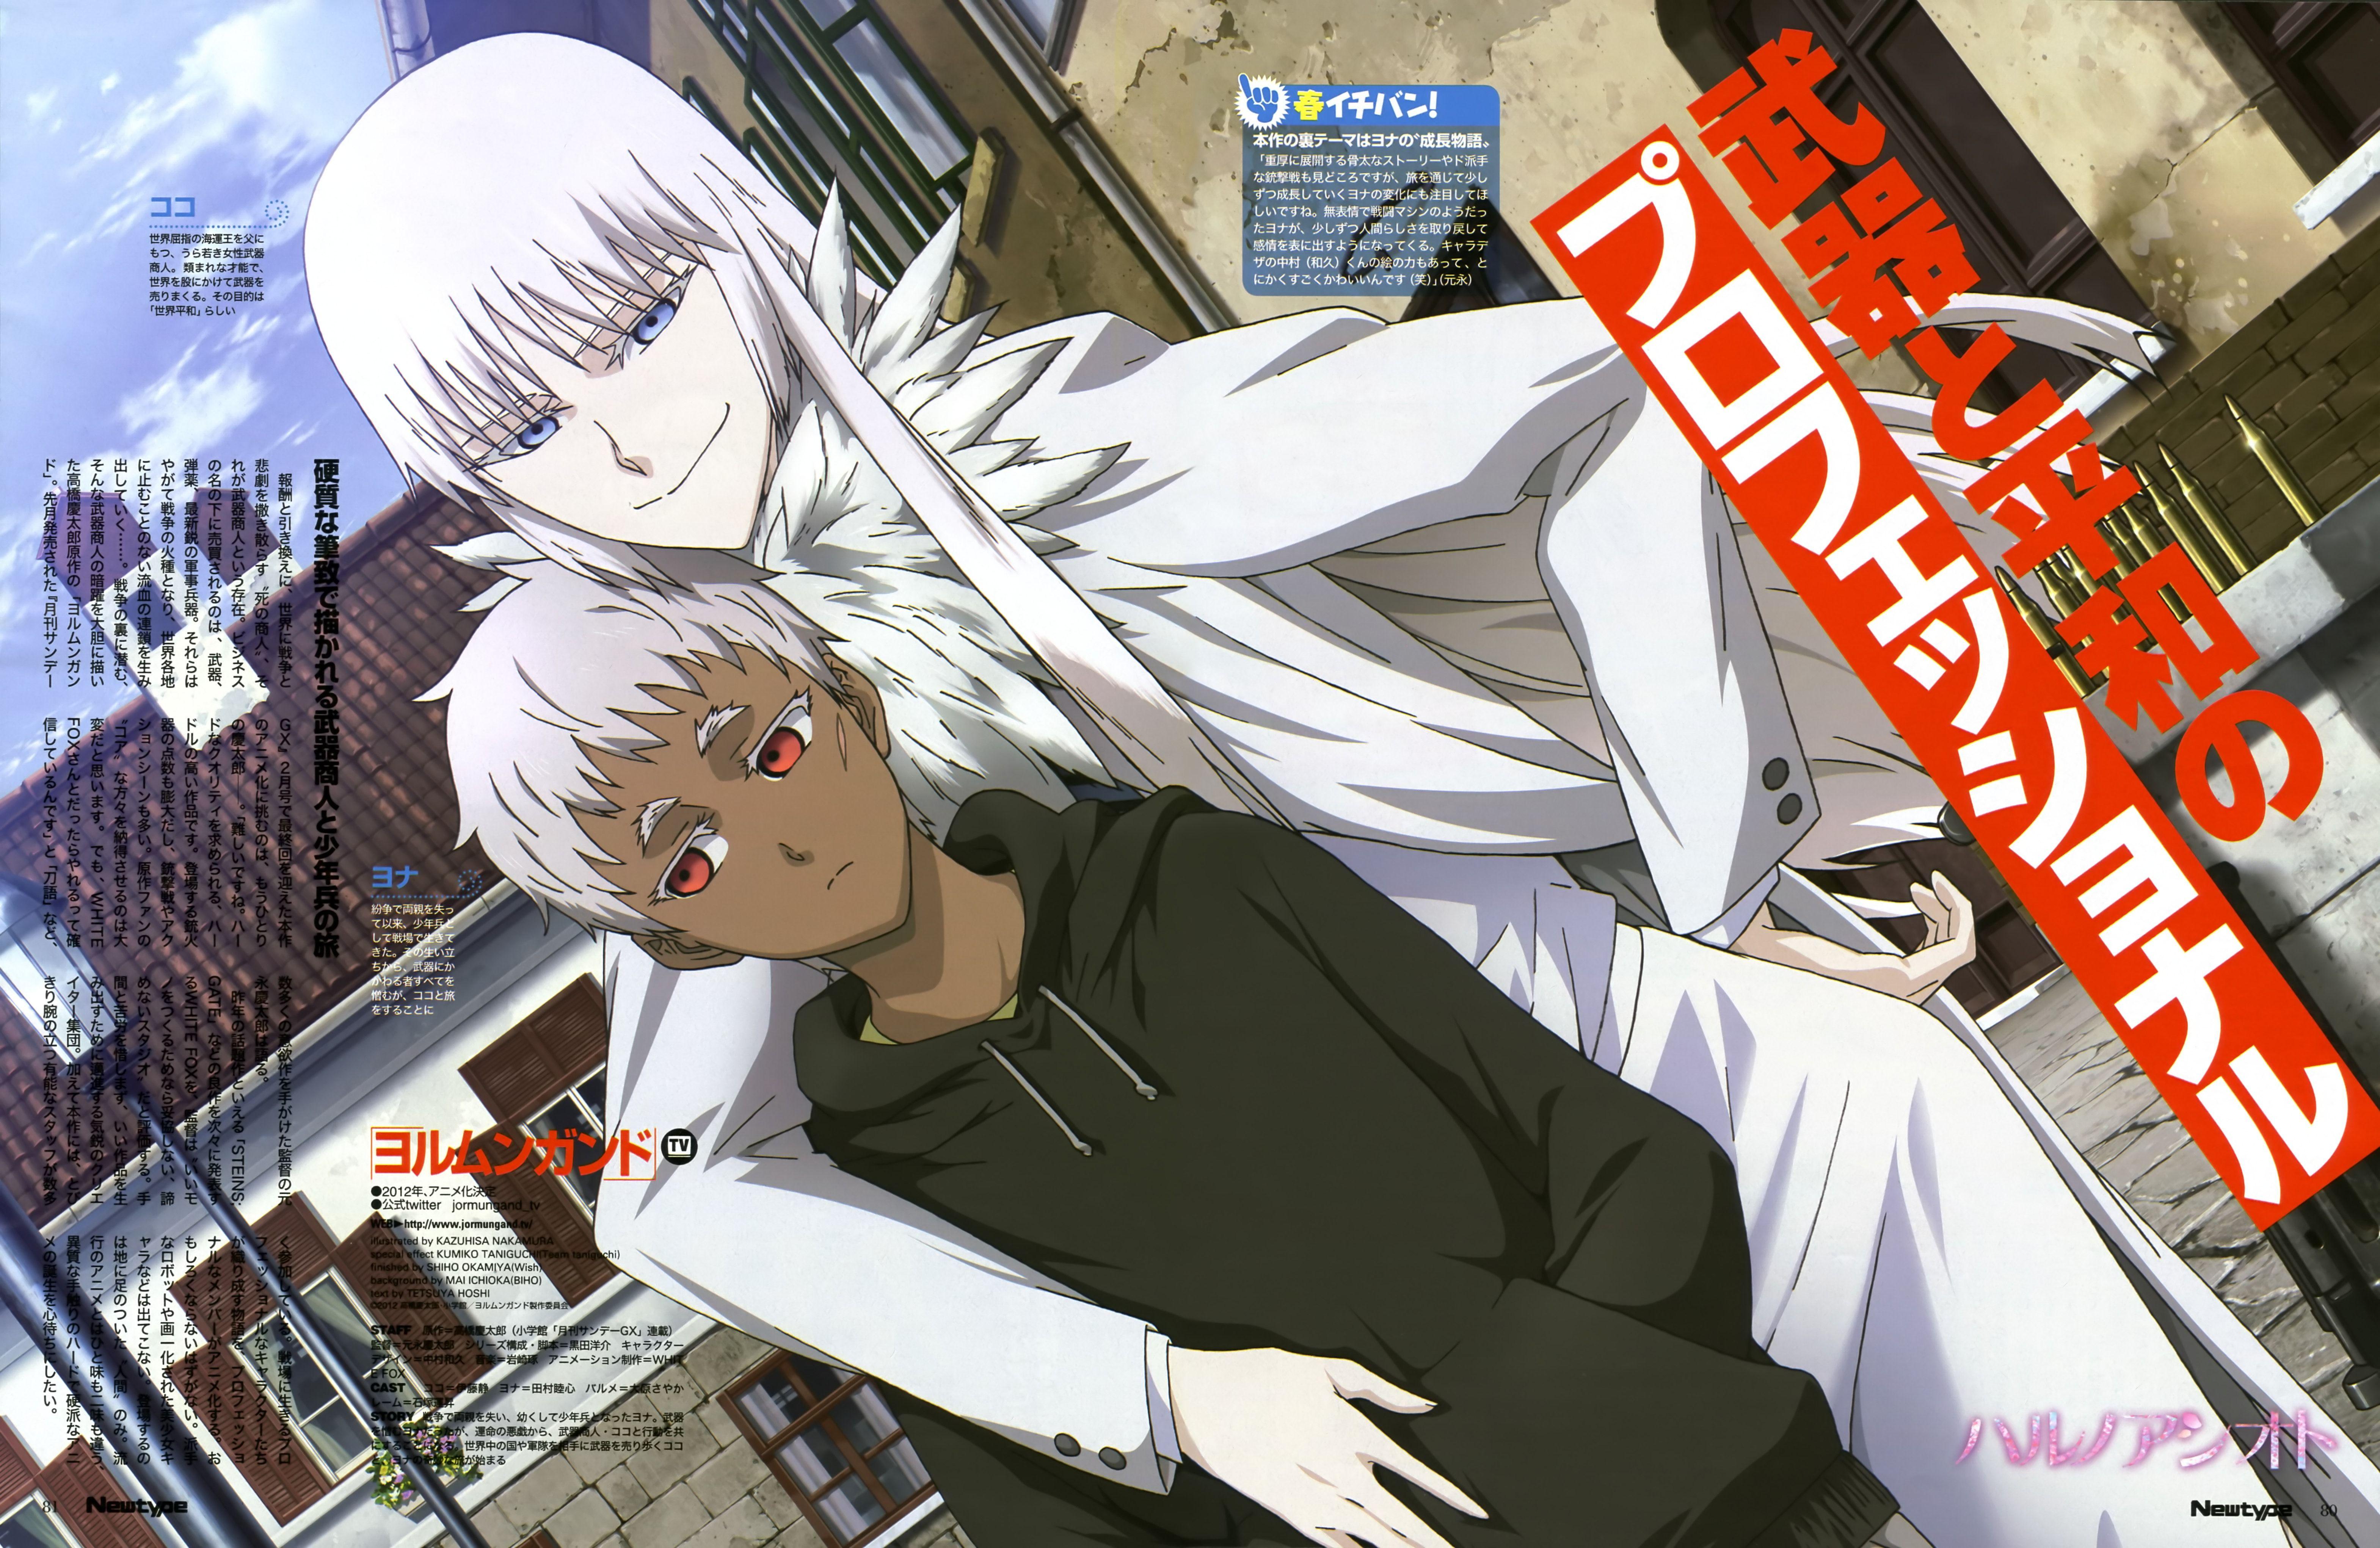 Jormungand Anime White Fox Japanese Animation